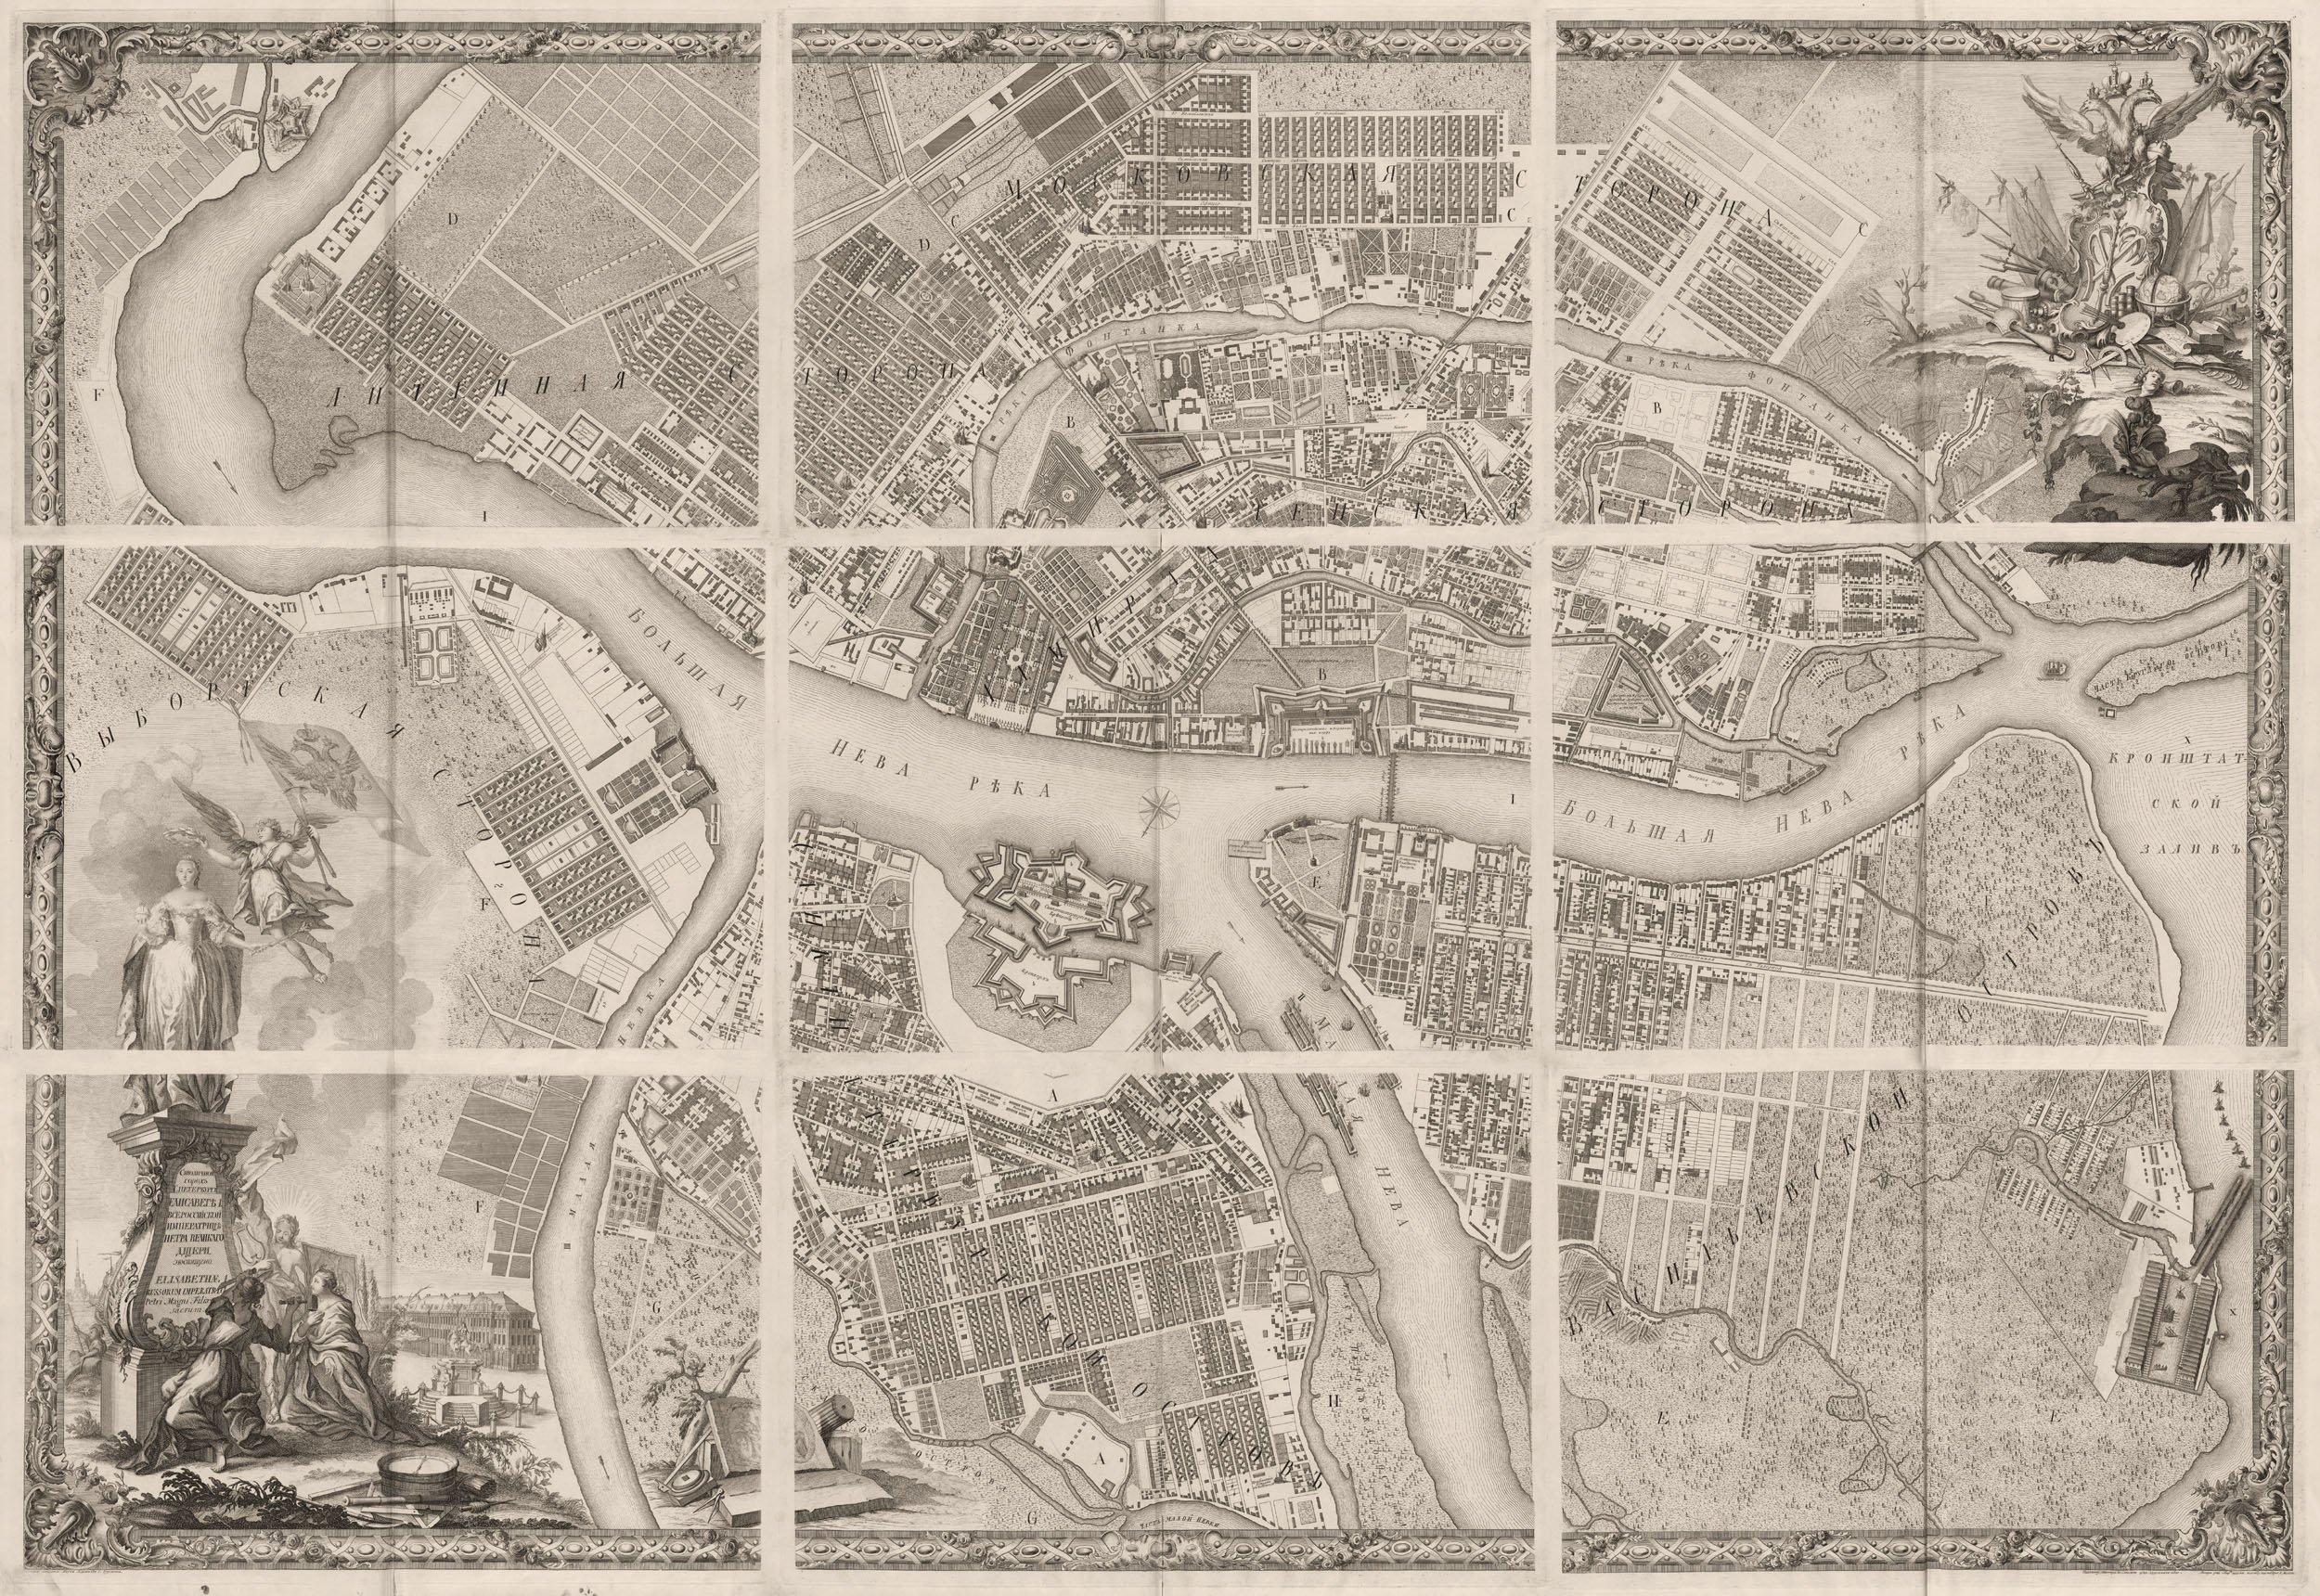 План города, подготовленный к 50-летию города СПб, древние карты, карты, карты Питера, редкие карты, санкт-петербург